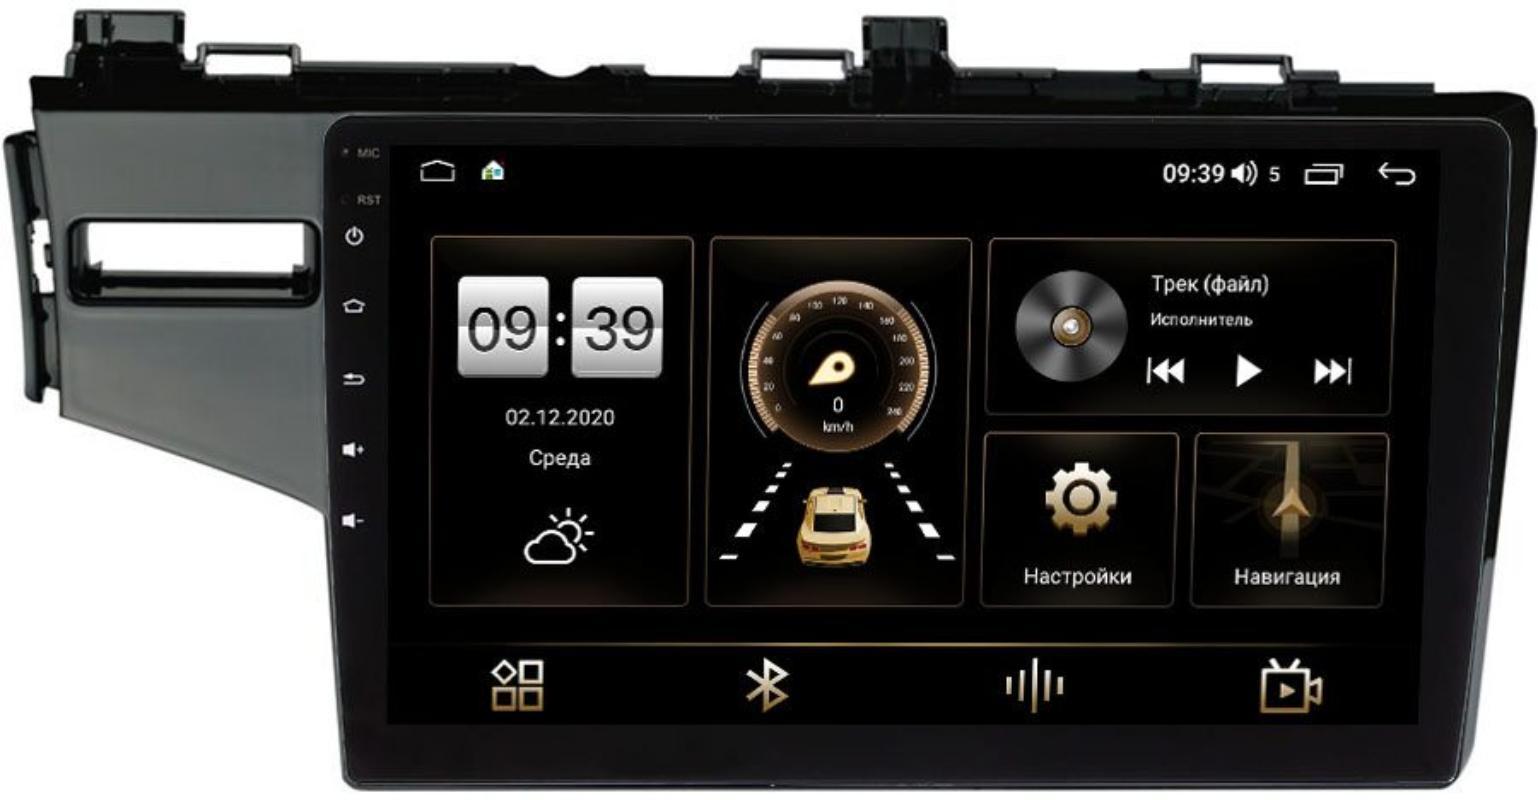 Штатная магнитола Honda Jazz III 2015-2021 (левый руль) LeTrun 4165-10-468 на Android 10 (4G-SIM, 3/32, DSP, QLed) (+ Камера заднего вида в подарок!)